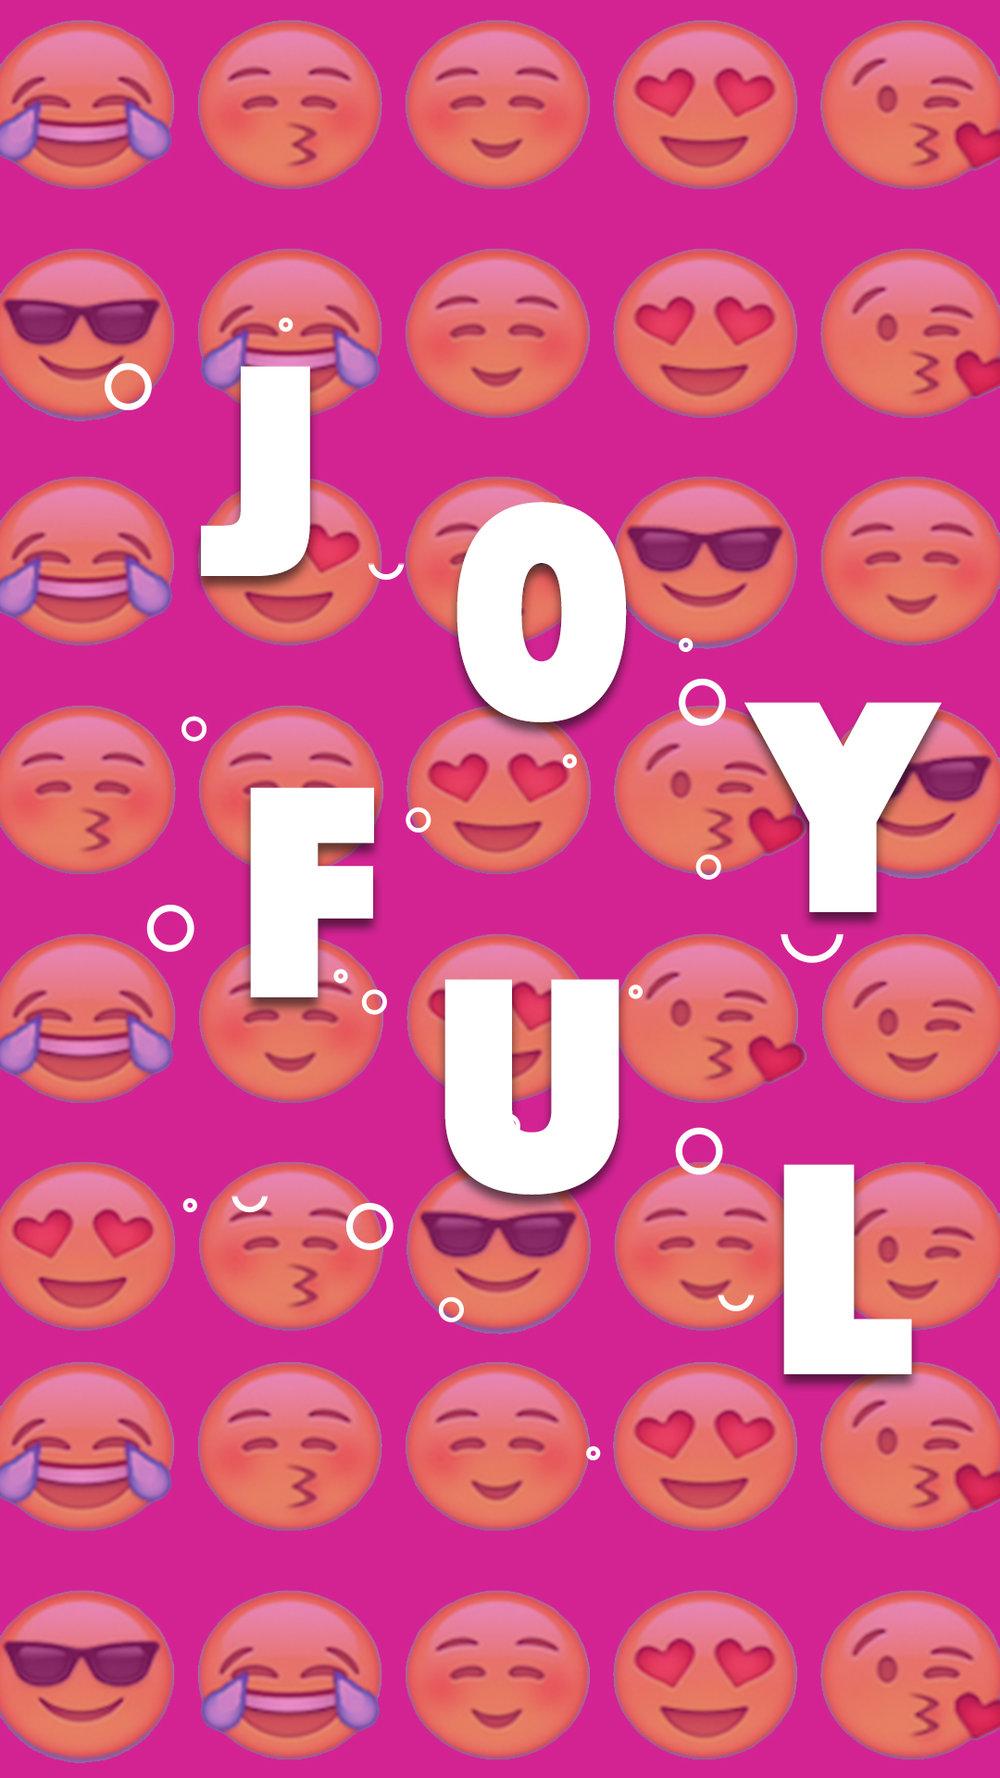 joyful.jpg